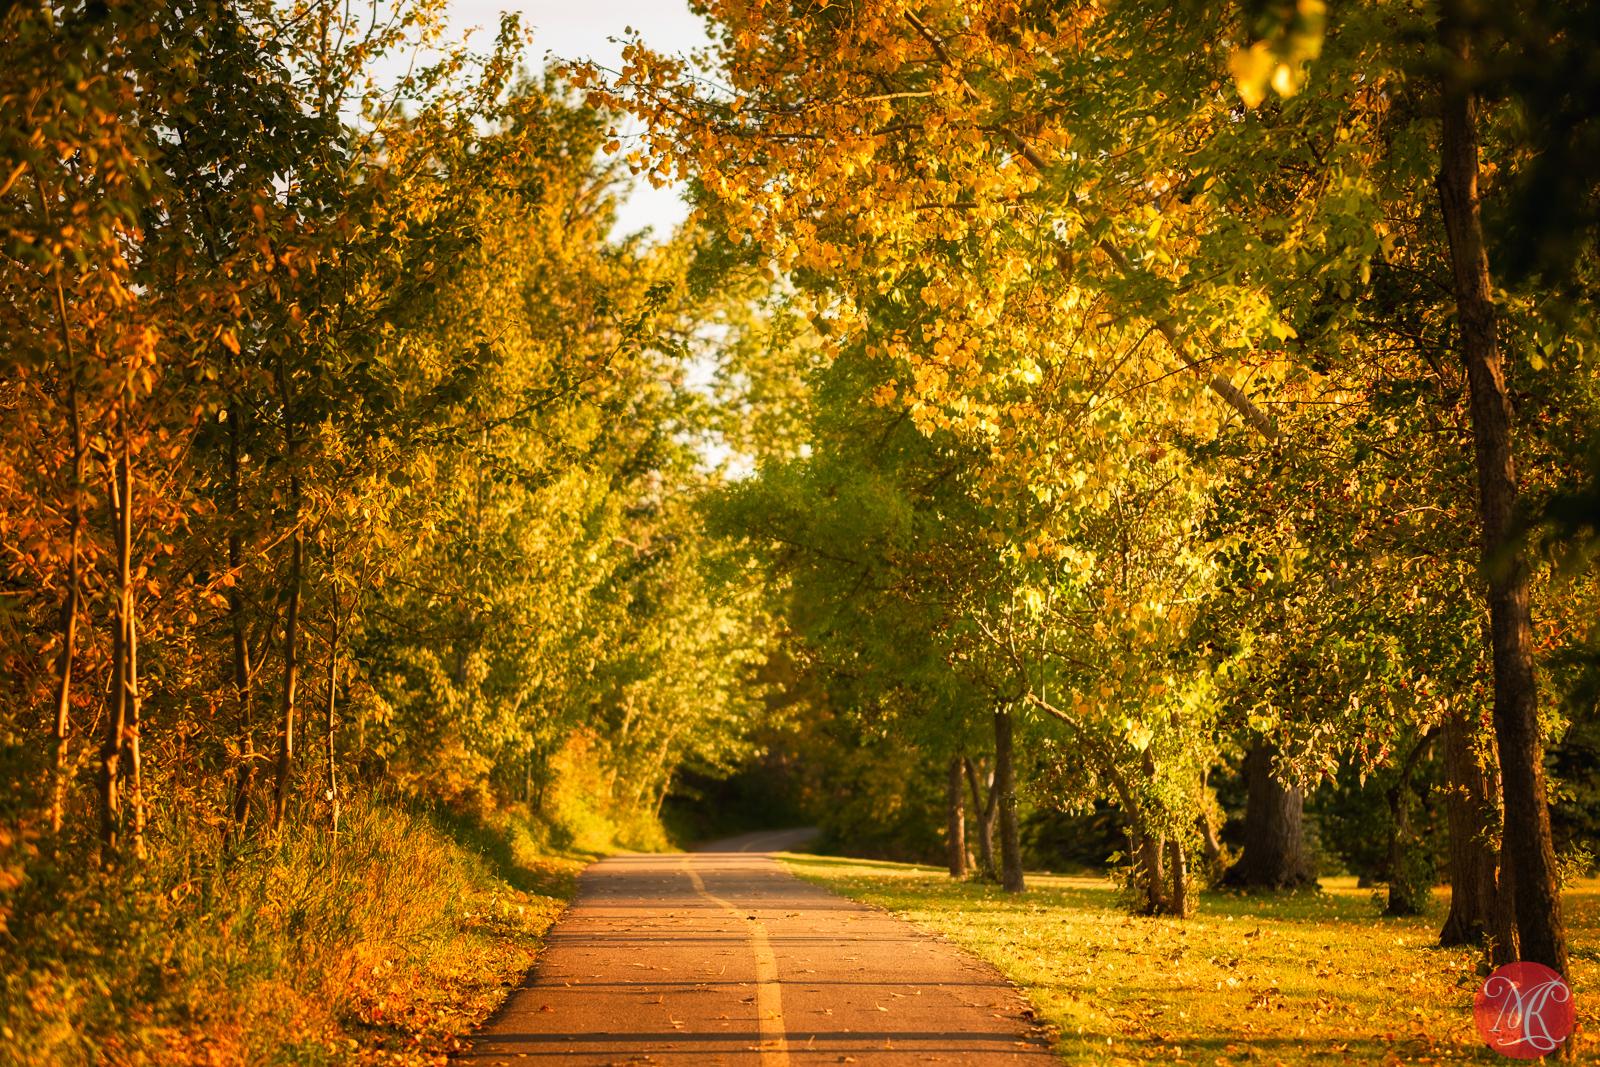 Fall at the park 9